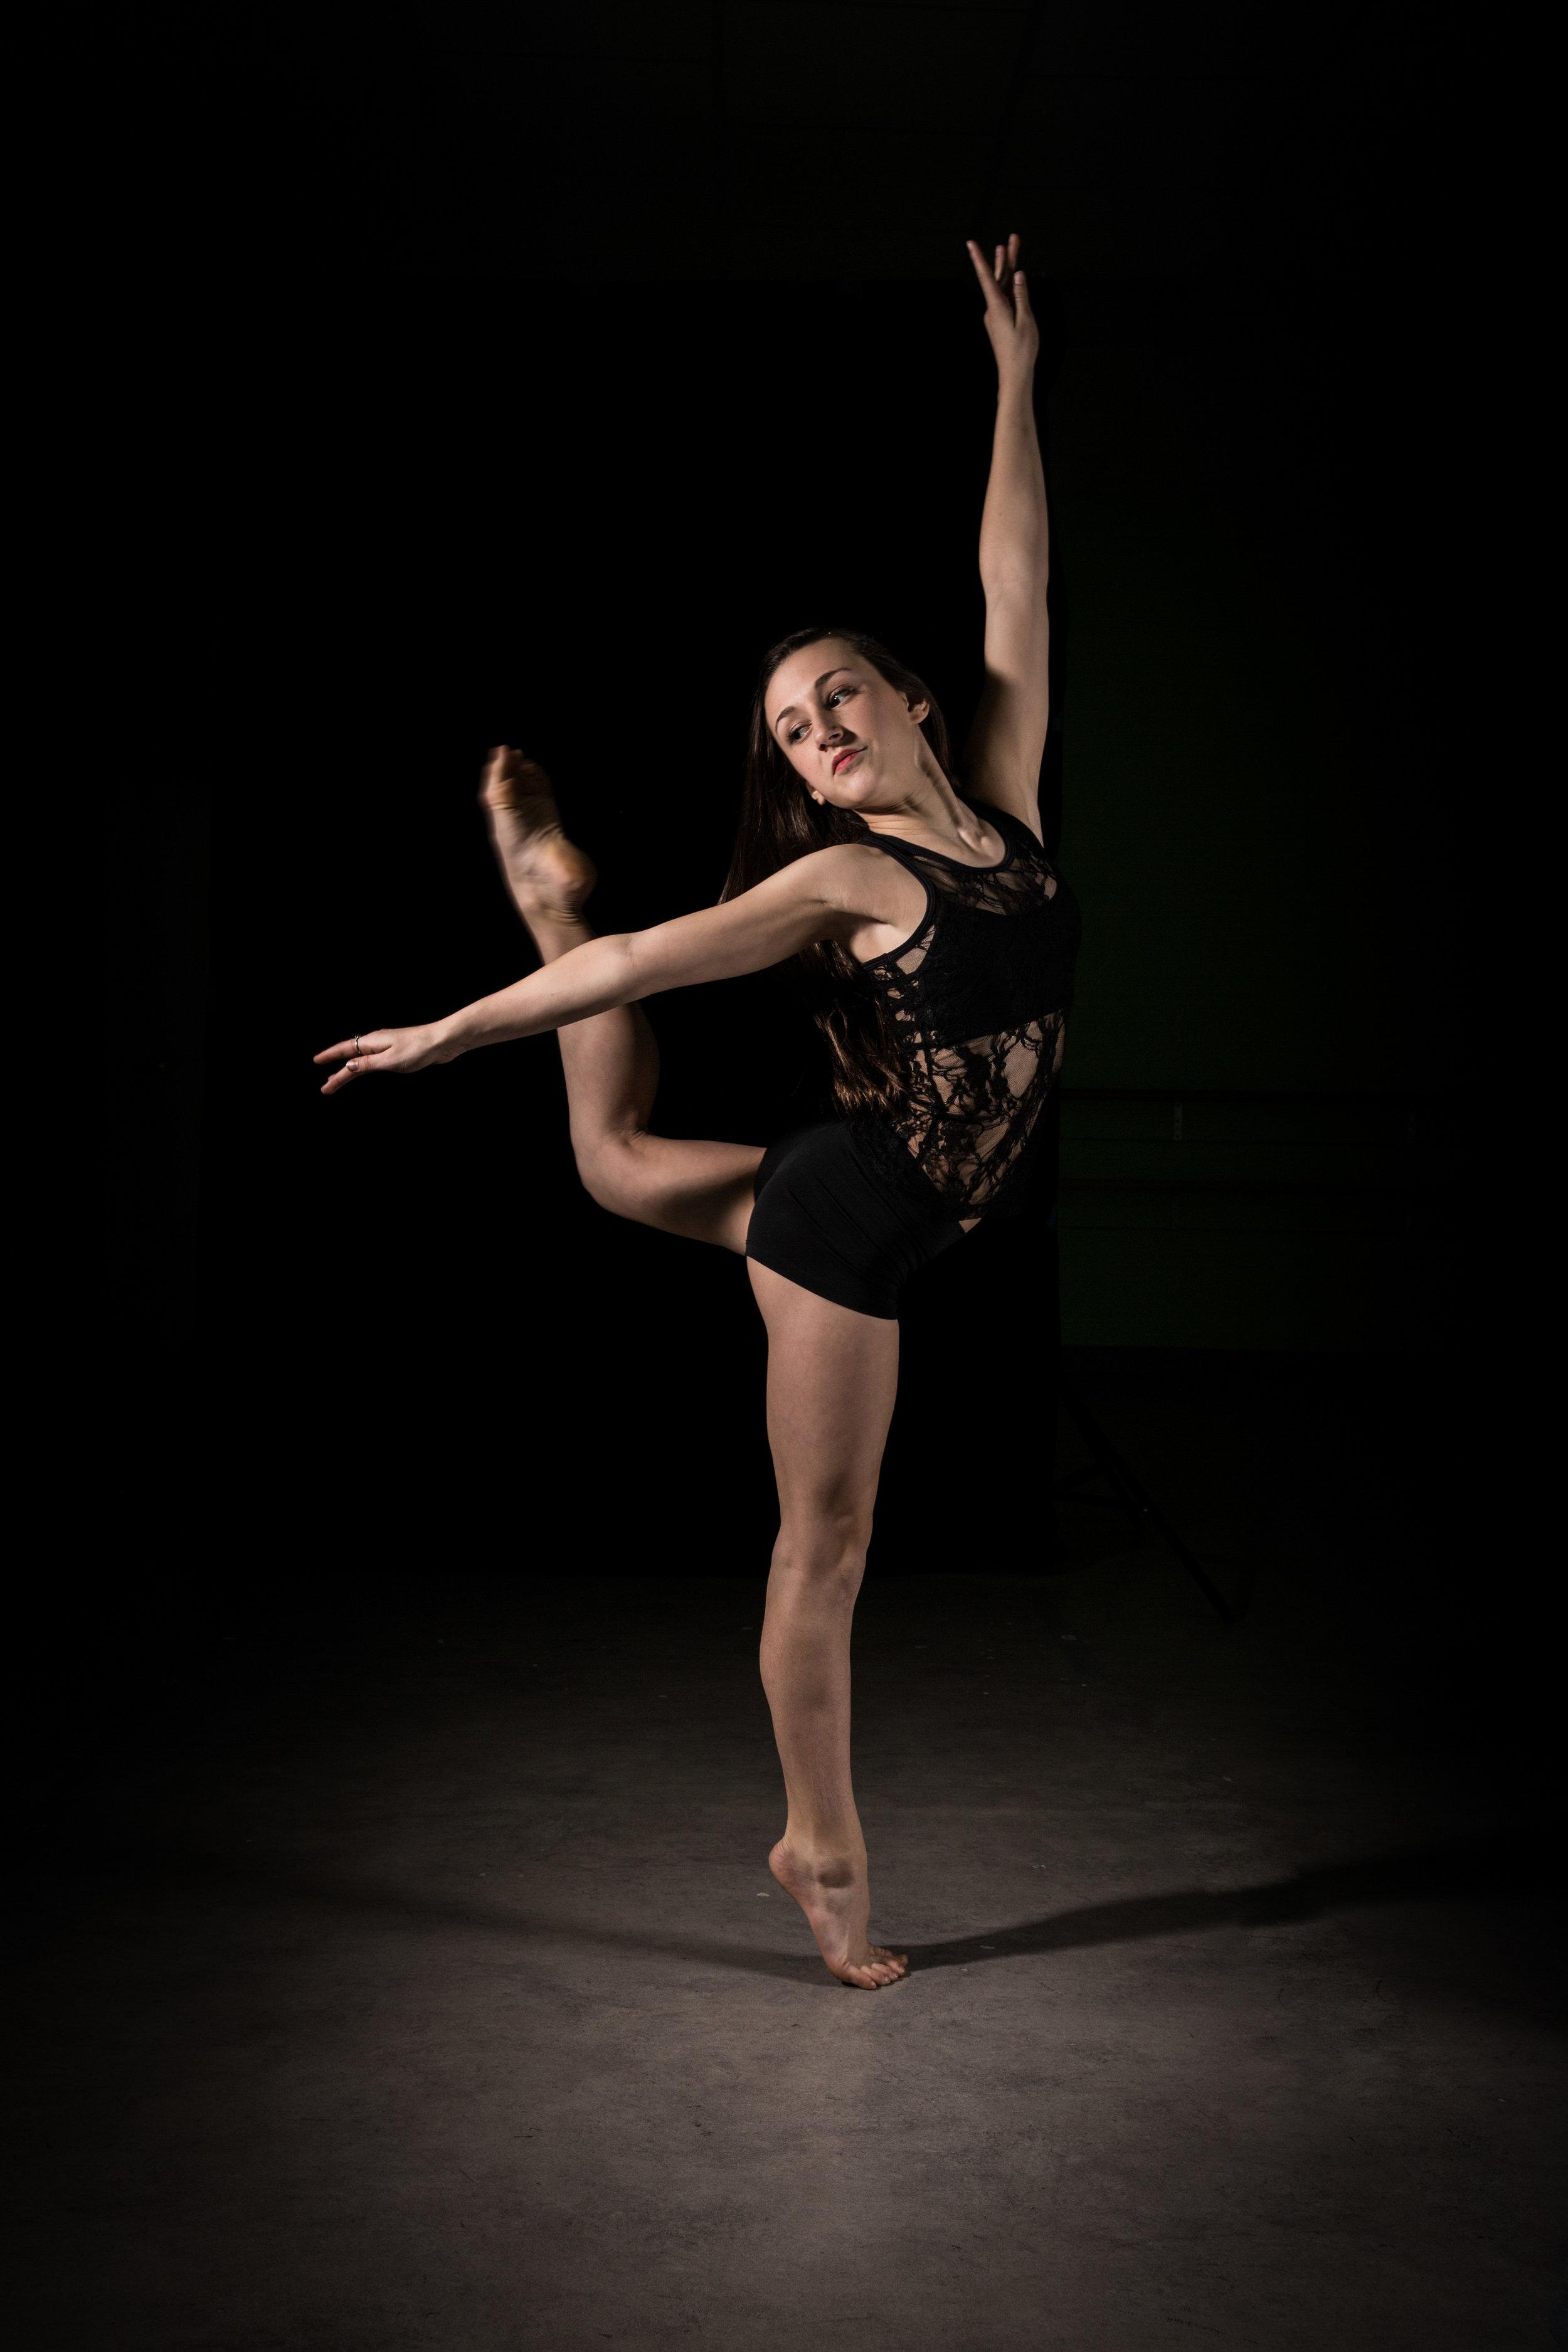 LR_Express_Dancer_Series-32.jpg